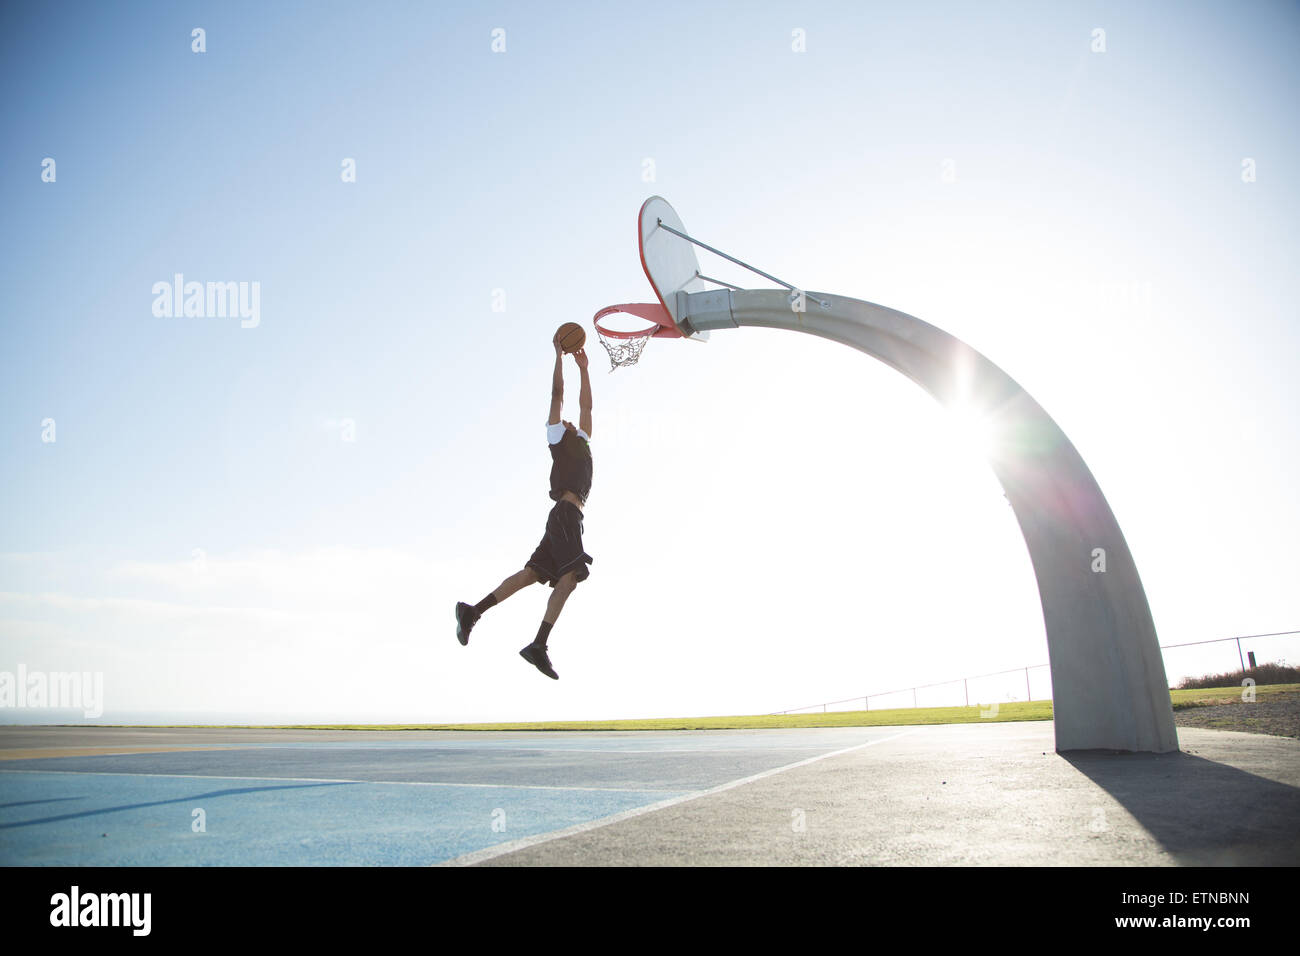 Joven jugando baloncesto en un parque, en Los Ángeles, California, Estados Unidos. Imagen De Stock